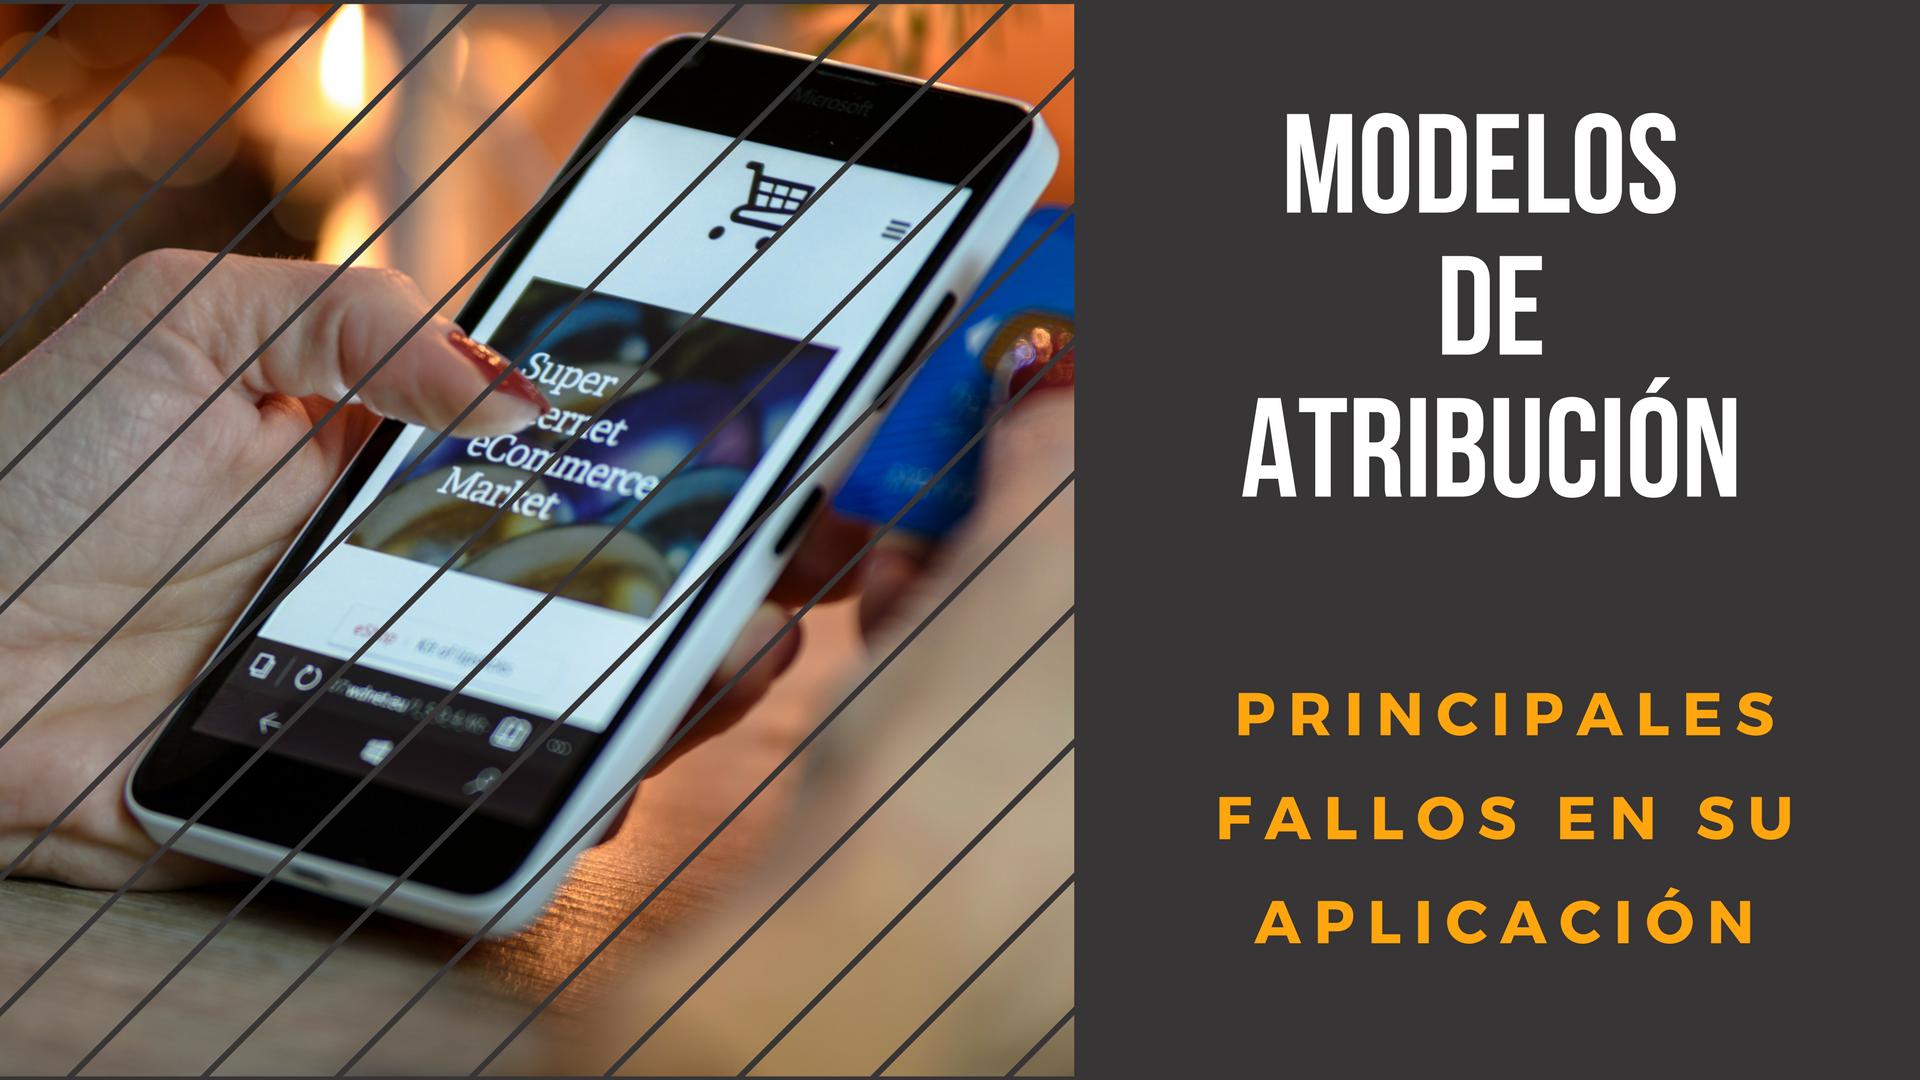 MODELOS DE ATRIBUCIÓN FALLOS APLICACION.png